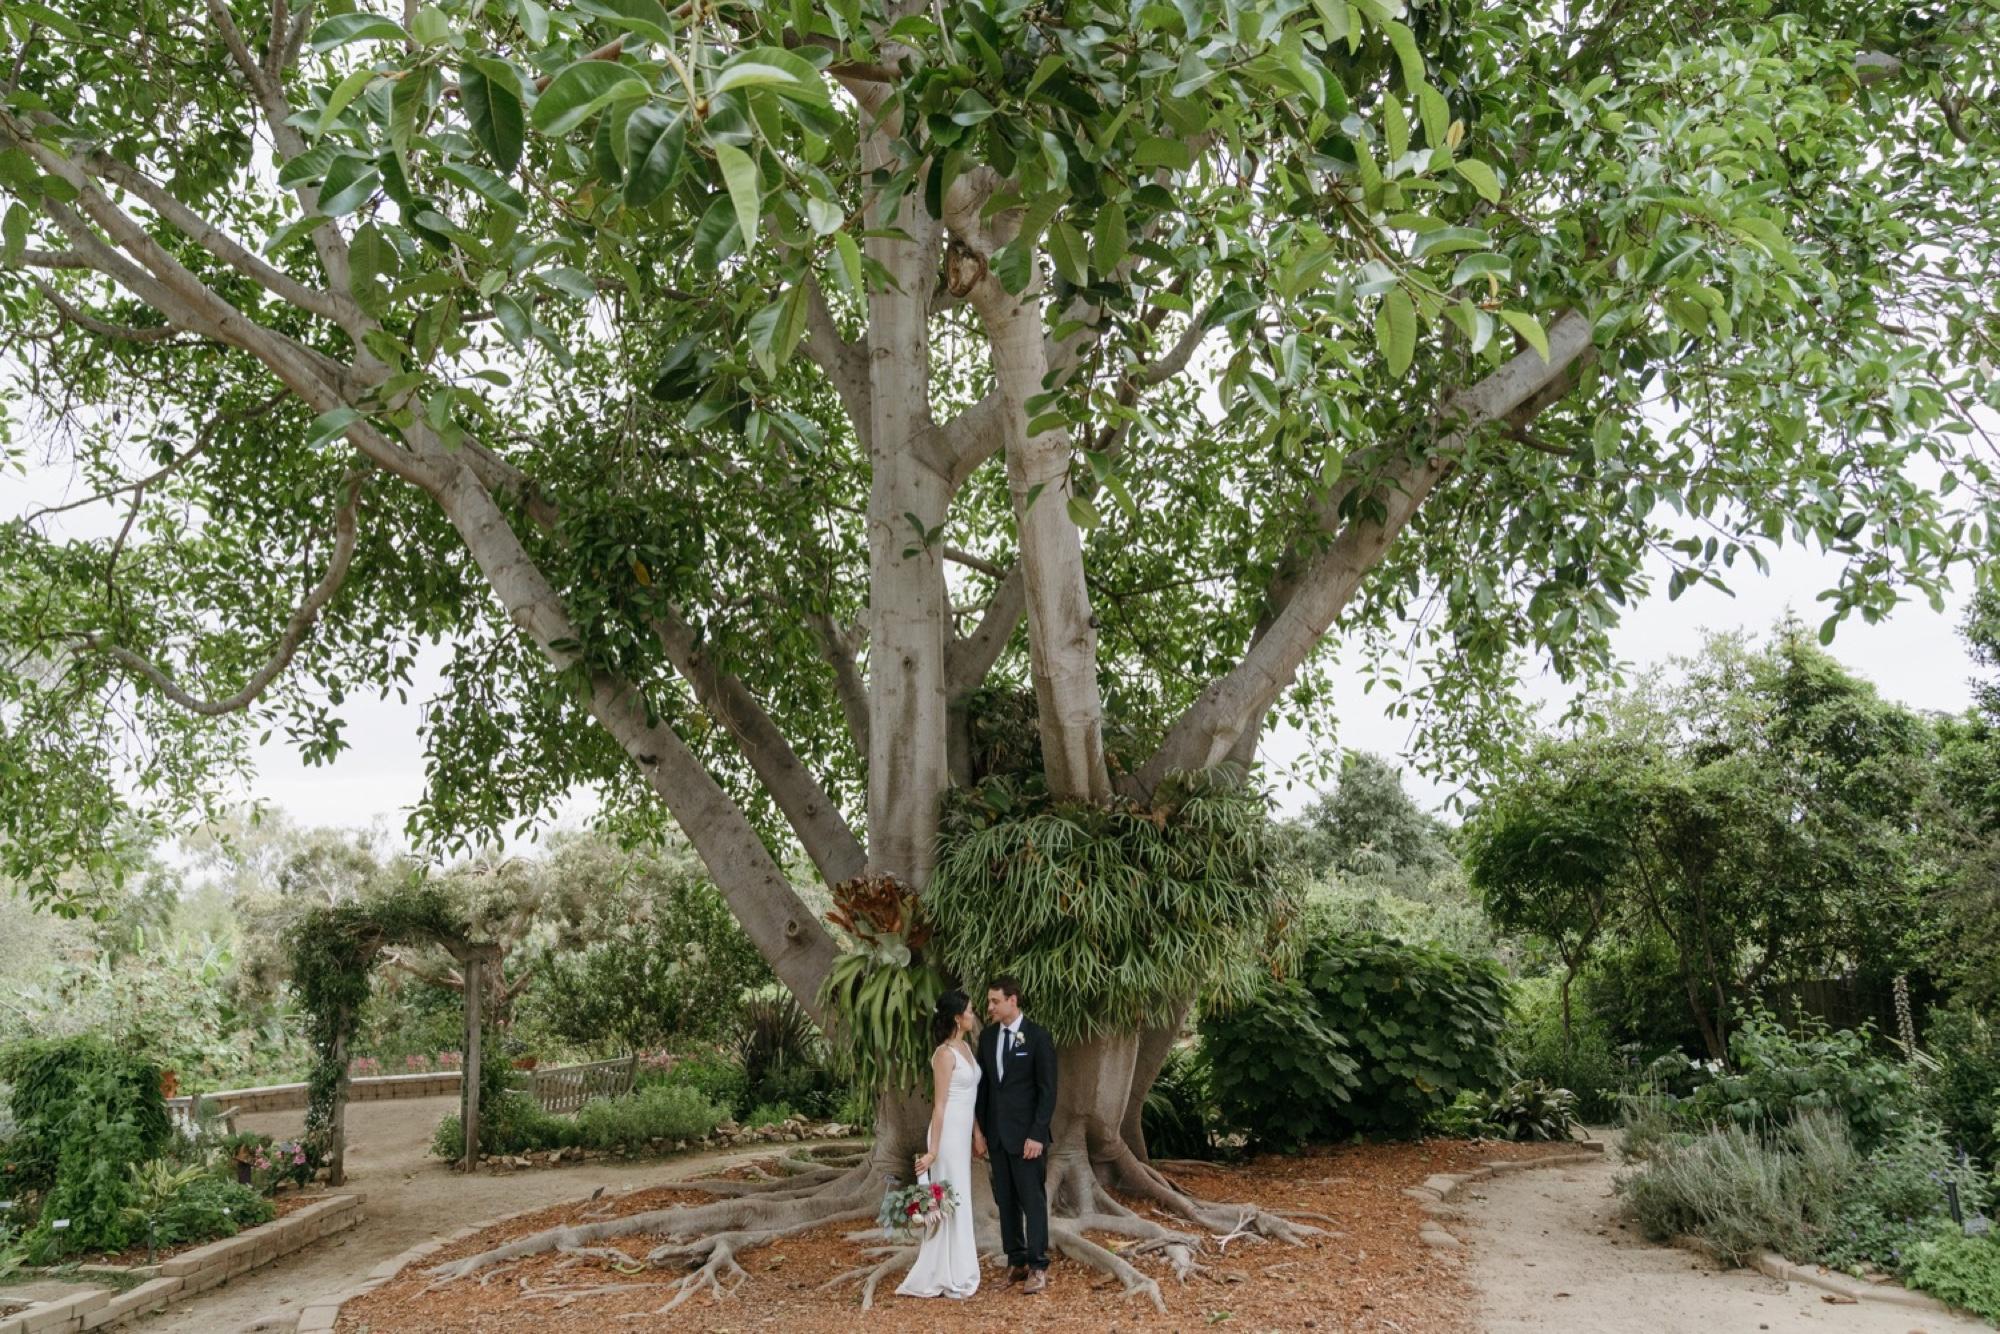 088_Shawna and Steve's Wedding-552.jpg